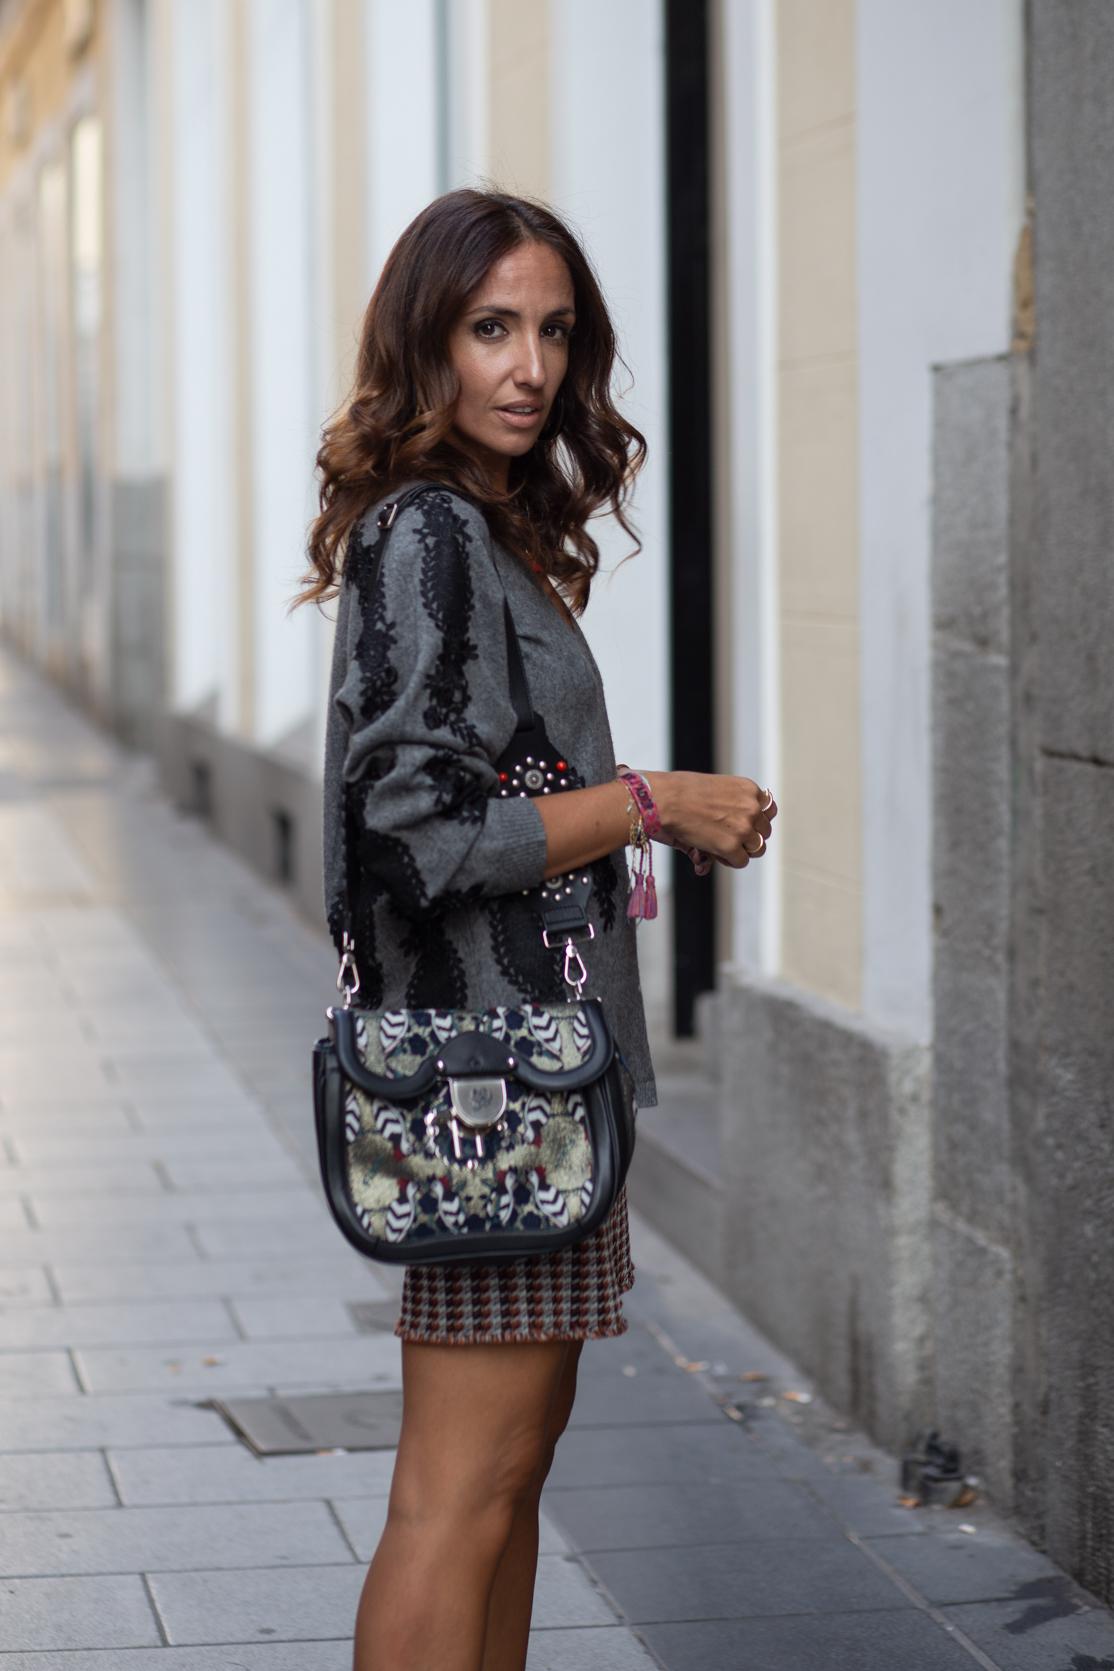 el-blog-de-silvia-evento-marola-amigas-fashion-blogger